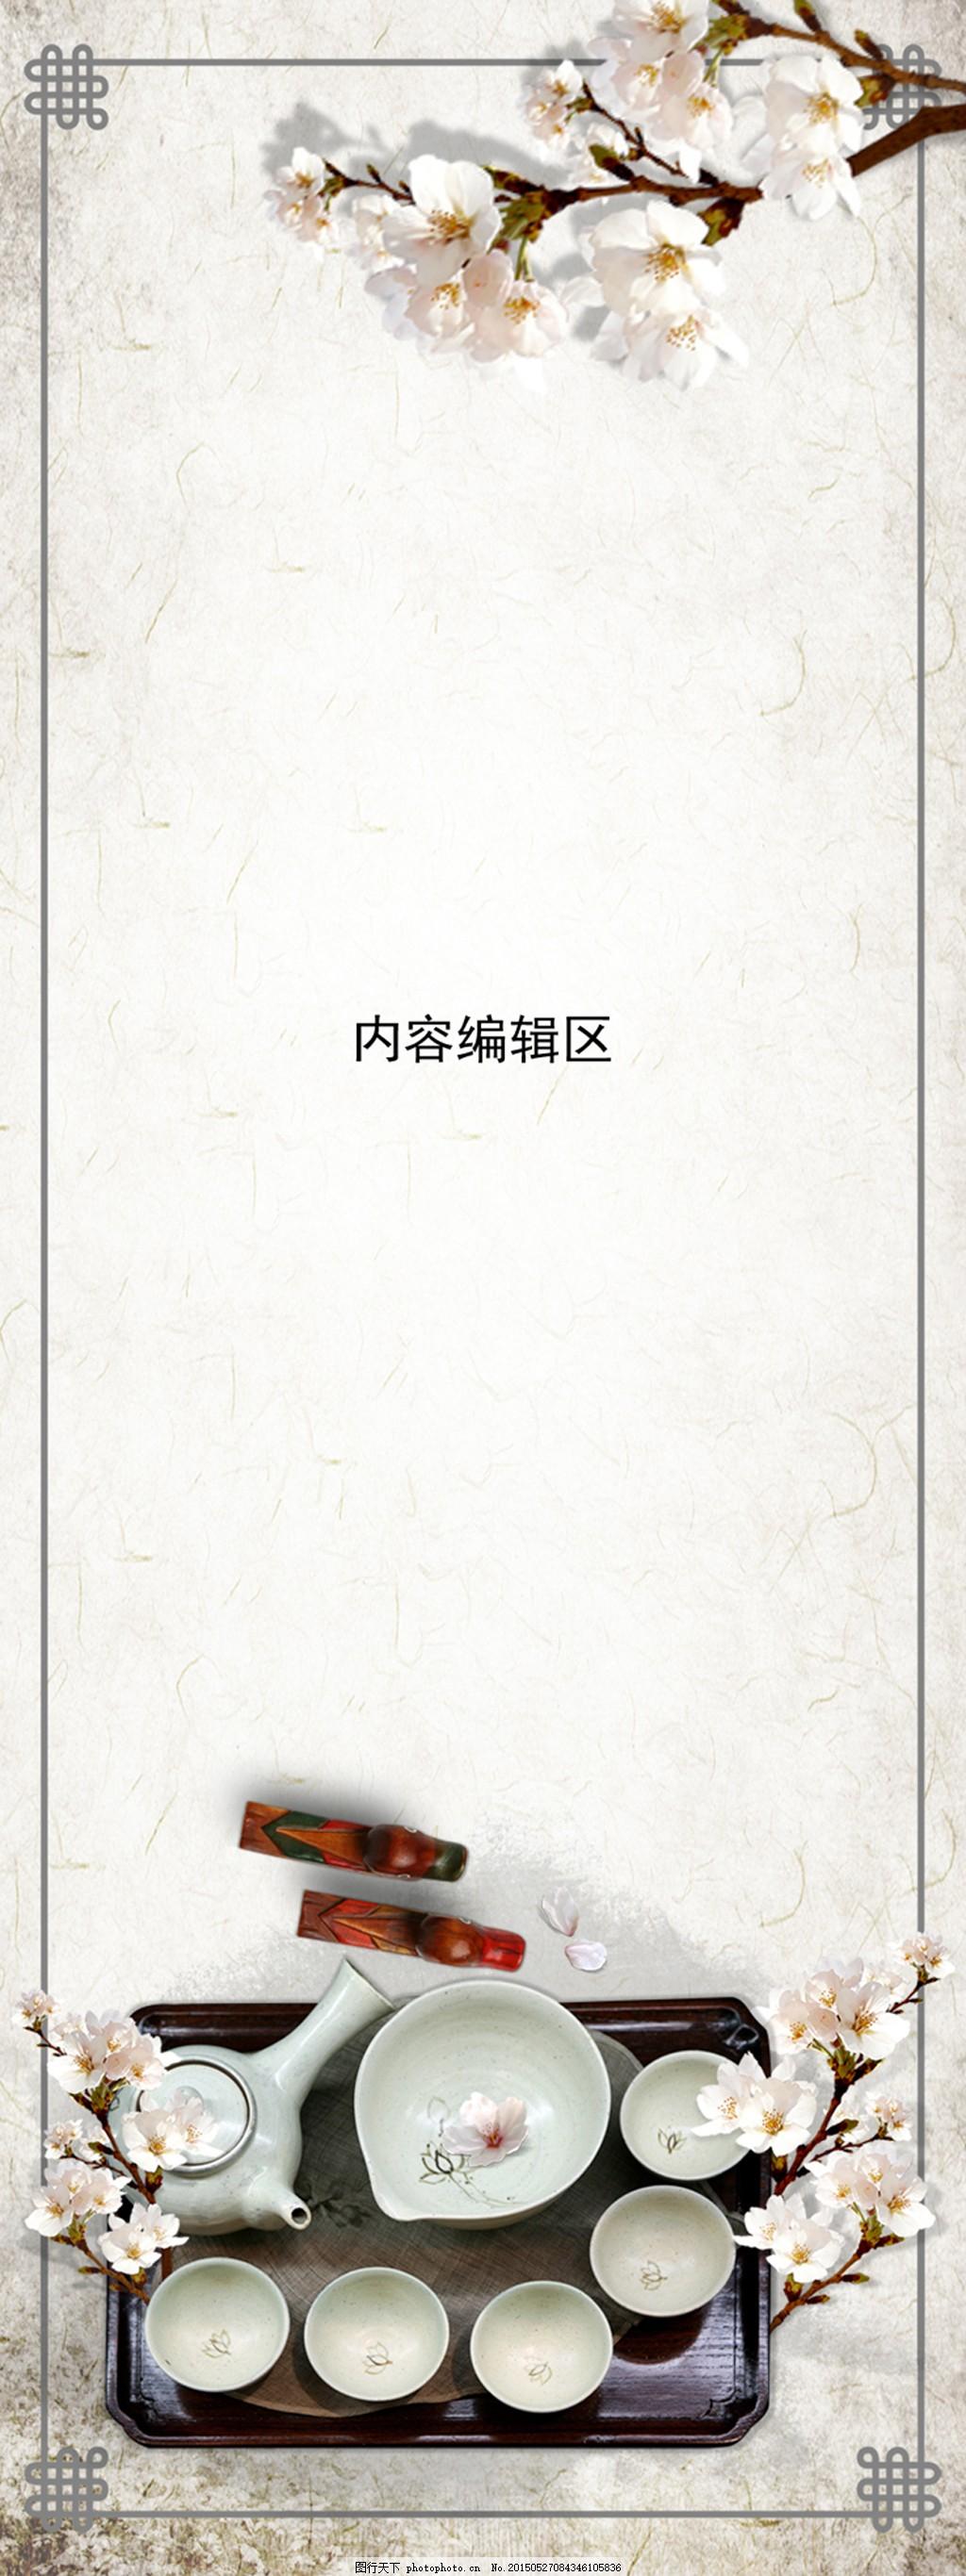 中国风古典背景展架设计模板海报画面